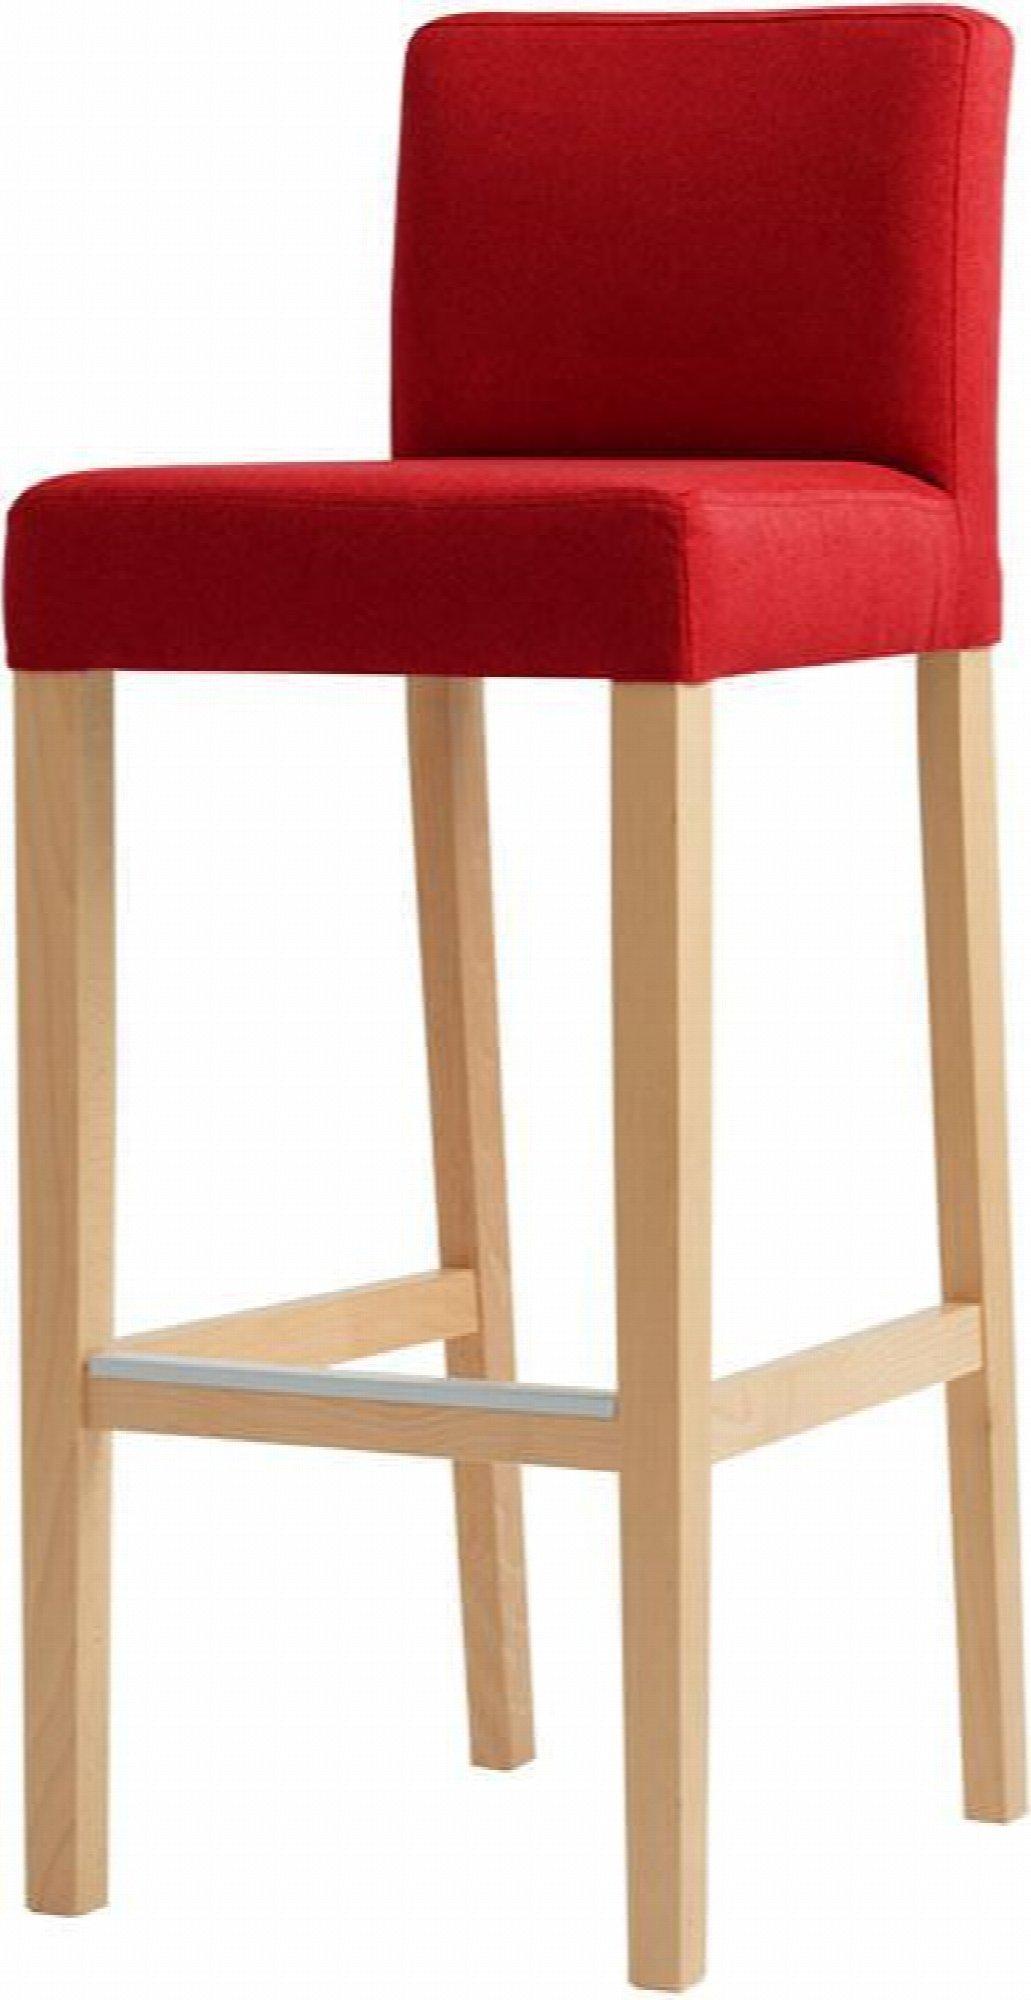 maison du monde Chaise de bar tissu rembourrée rouge pieds bois massif clair